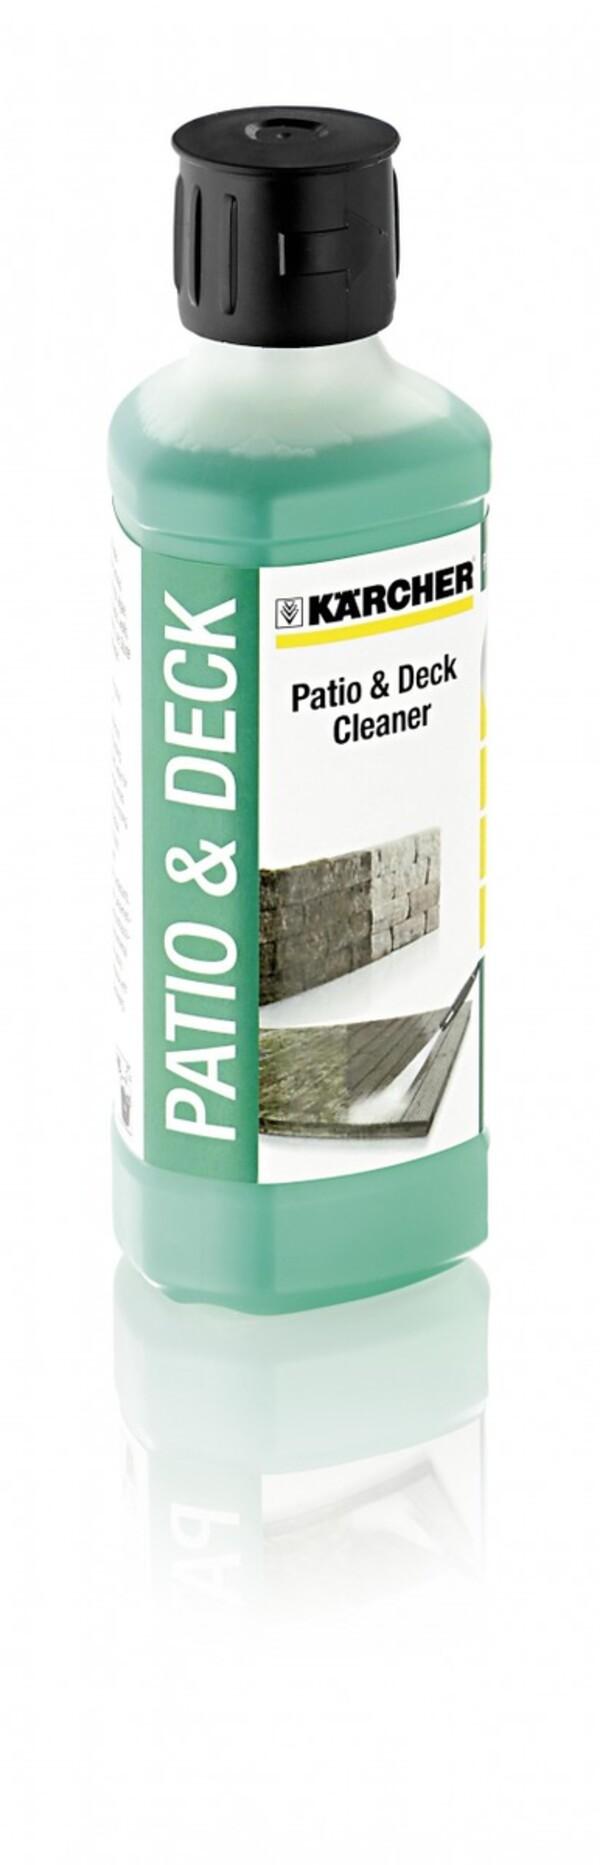 """Kärcher Reinigungsmittel """"Patio & Deck, Cleaner, RM 564, 500 ml Konzentrat"""""""